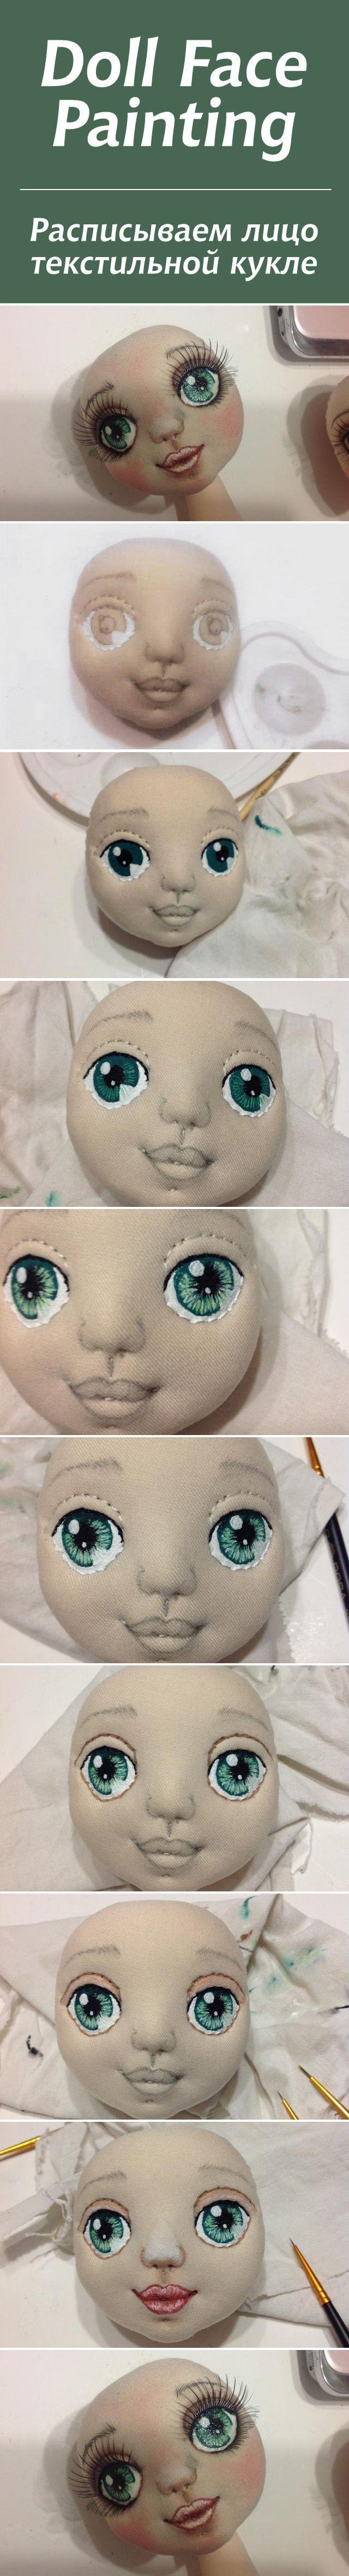 Роспись лица текстильной куклы: